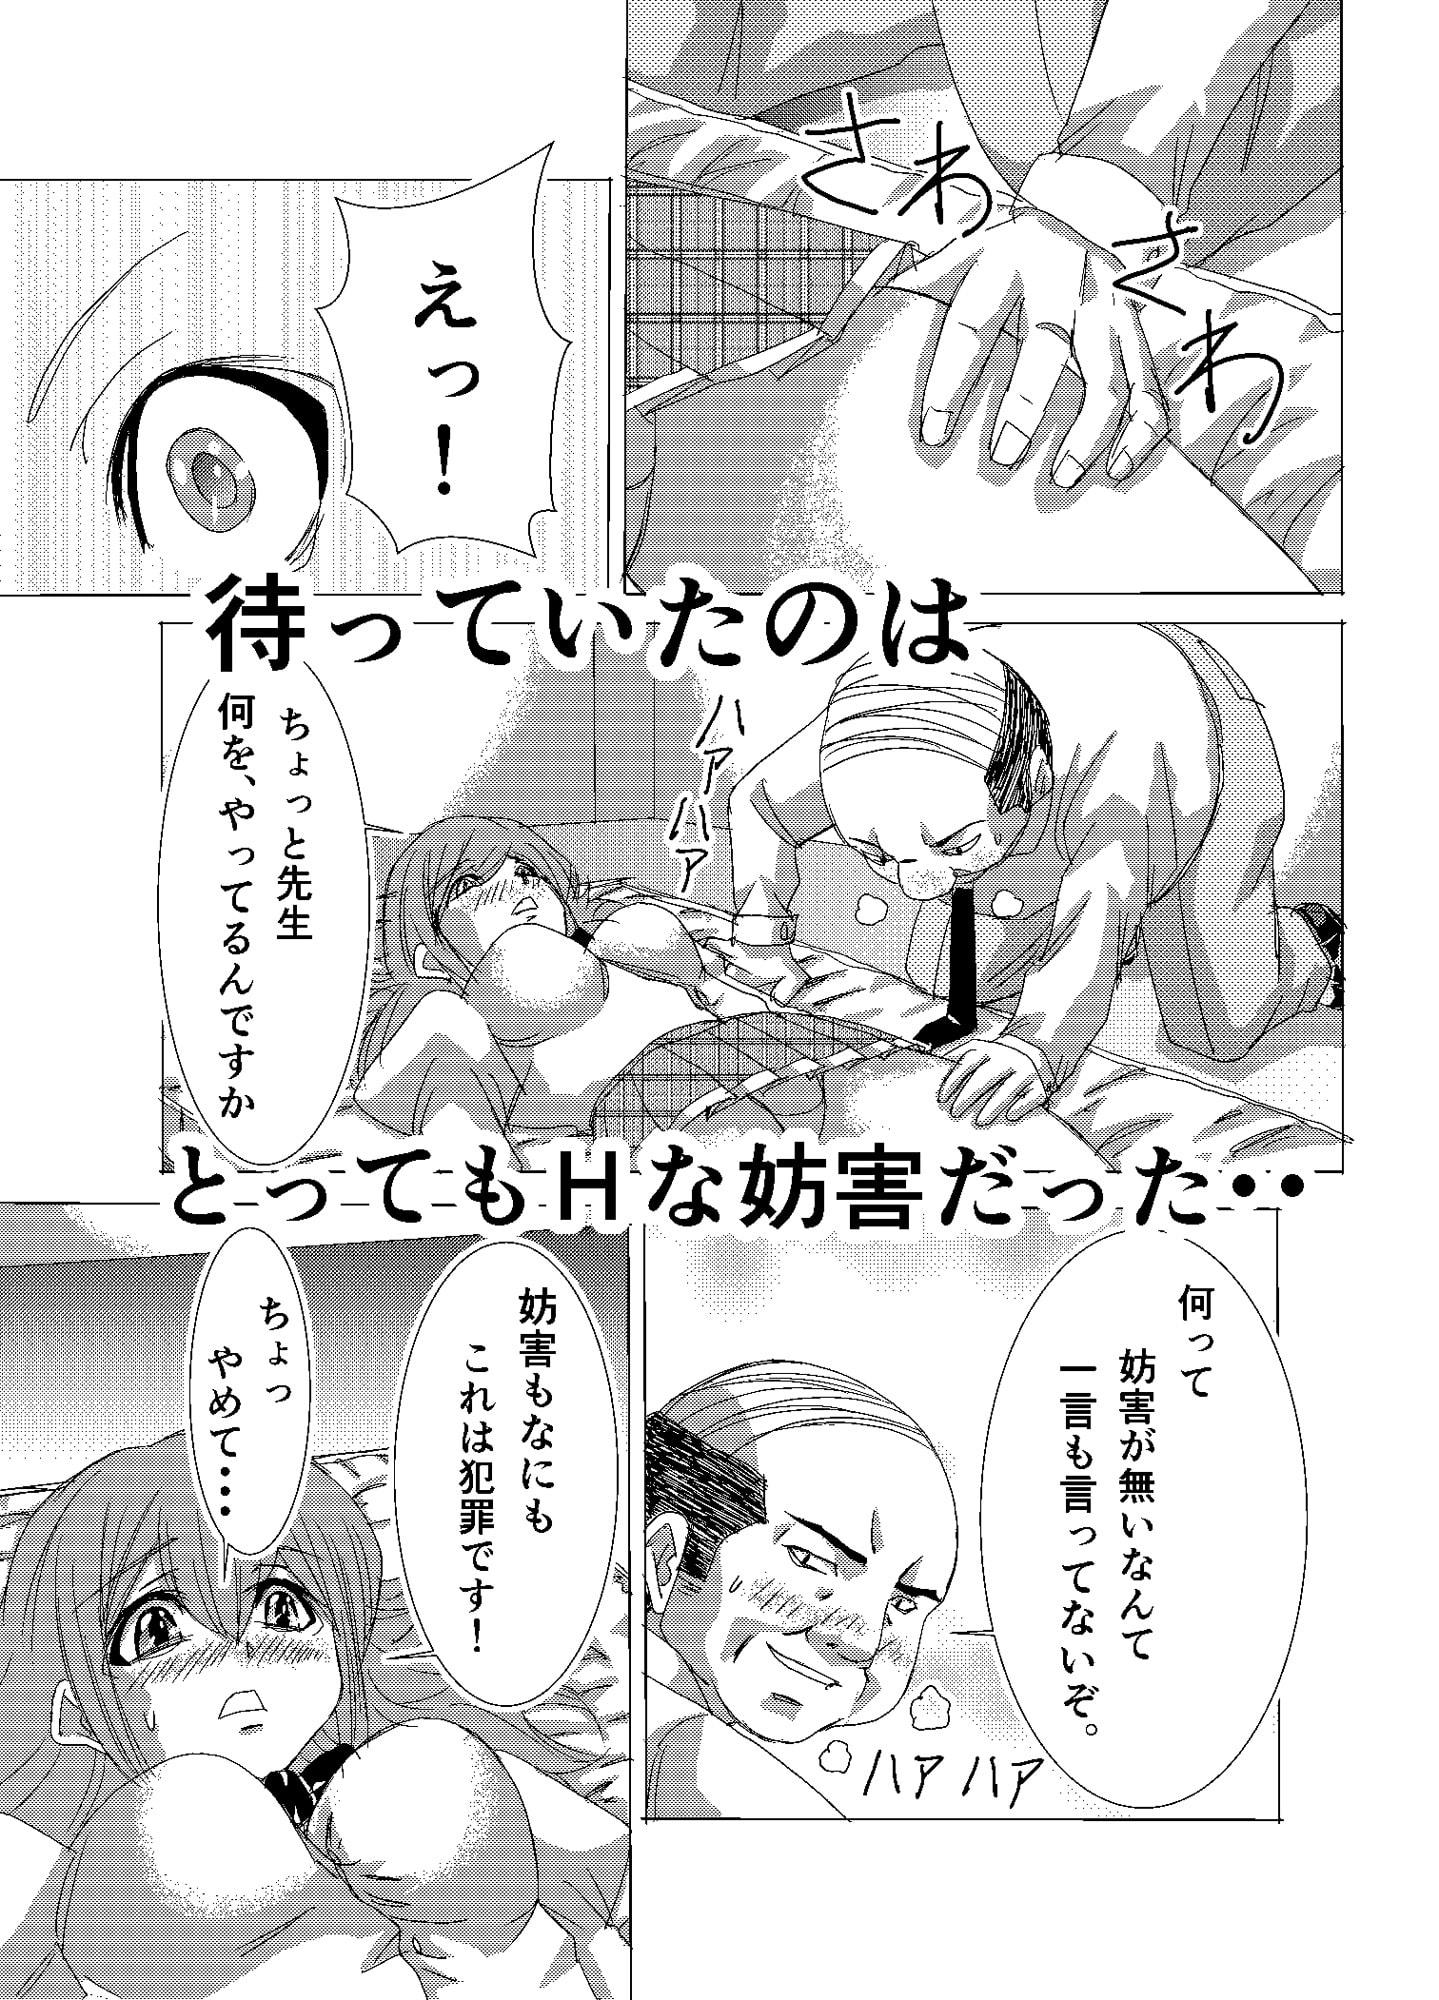 くノ一学園の試験 術破り編